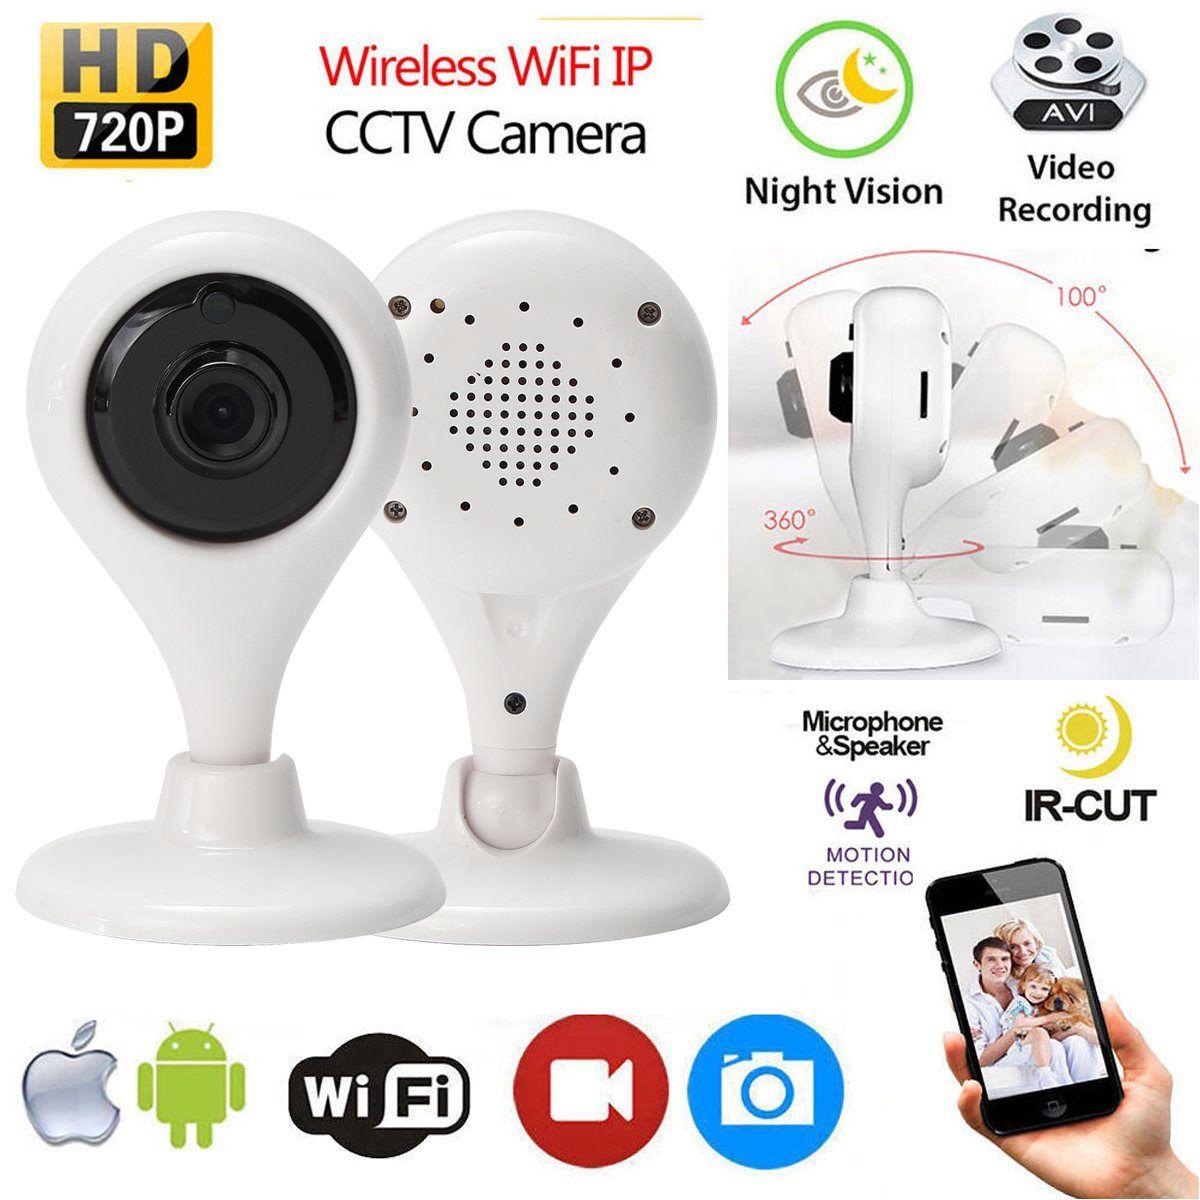 Новые HD 720 P Smart Беспроводной удаленного WI-FI IP CCTV Камера Открытый безопасности сети Ночное видение Камеры Скрытого видеонаблюдения для montors